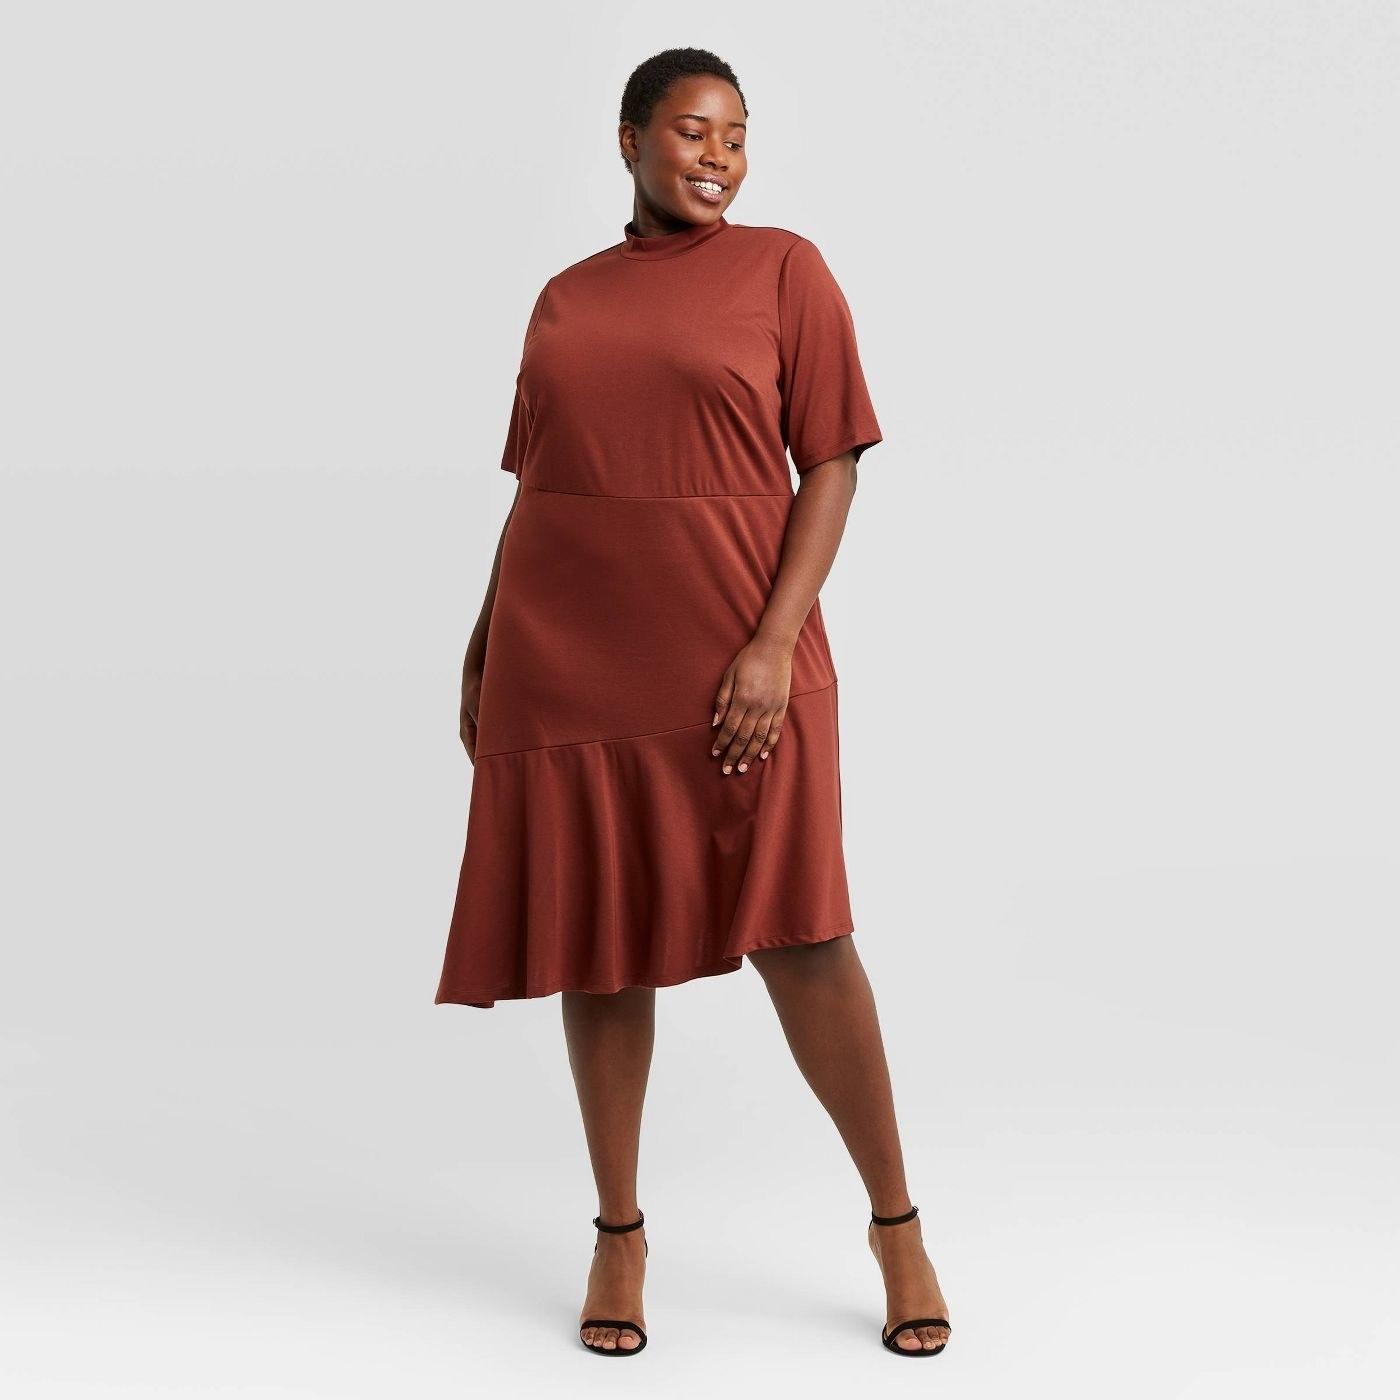 Model wearing the maroon dress